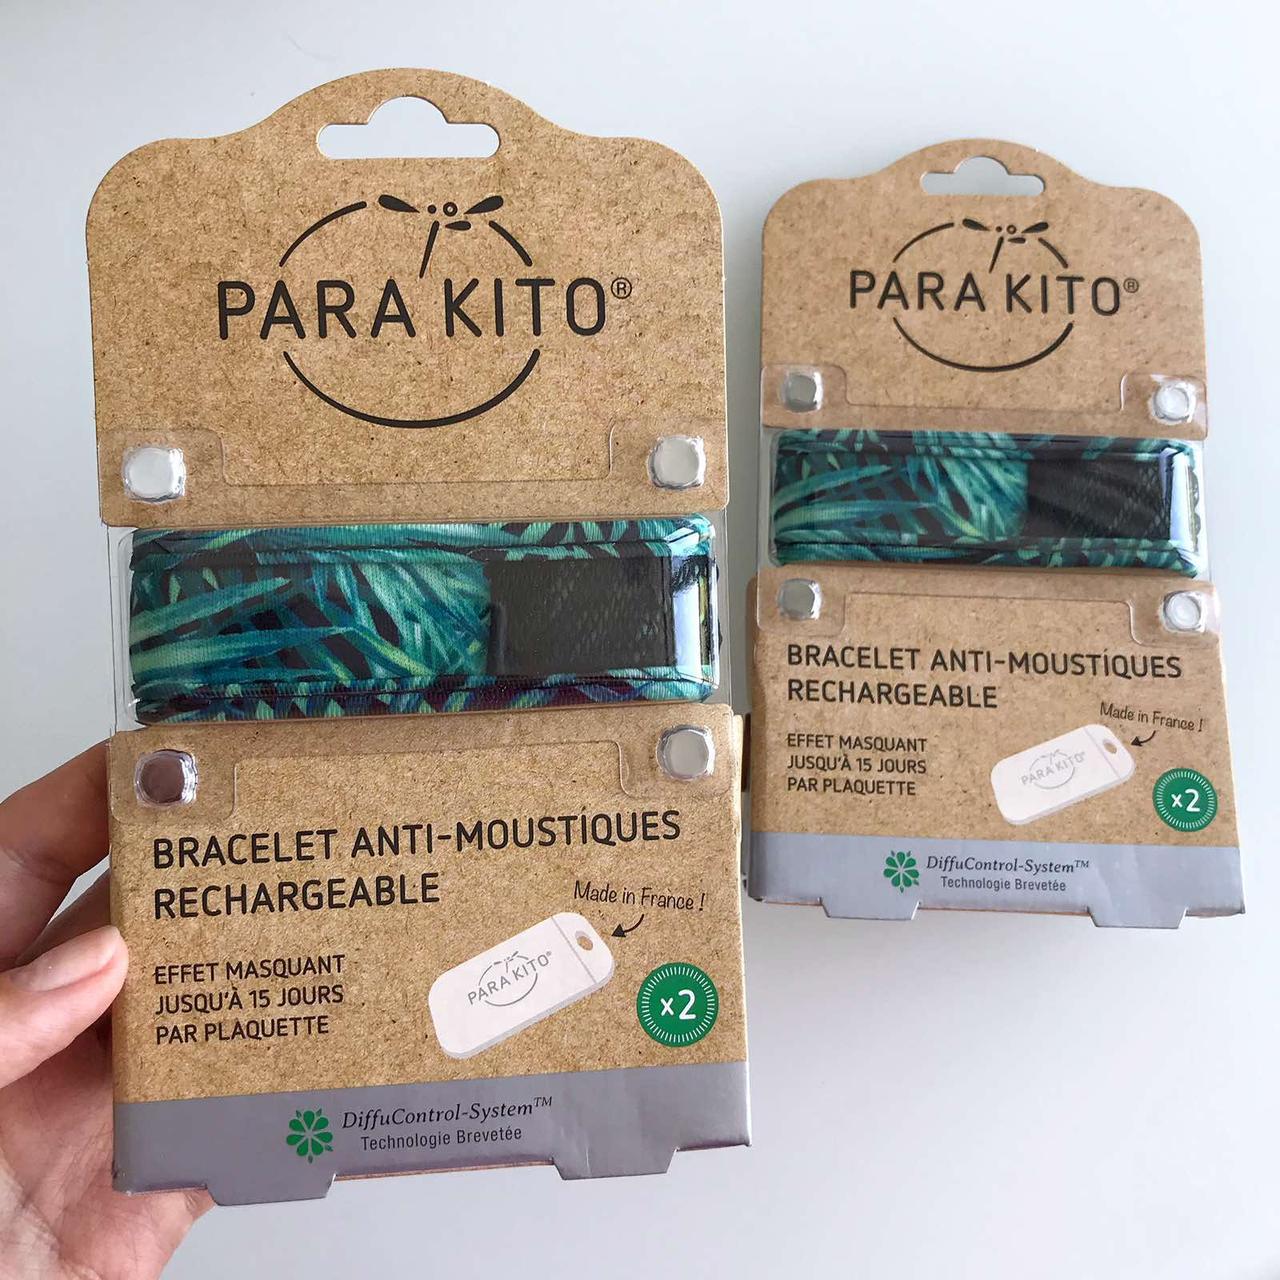 Браслет для защиты от комаров Паракито Parakito Anti-Mosquitoes Bracelet ОРИГИНАЛ